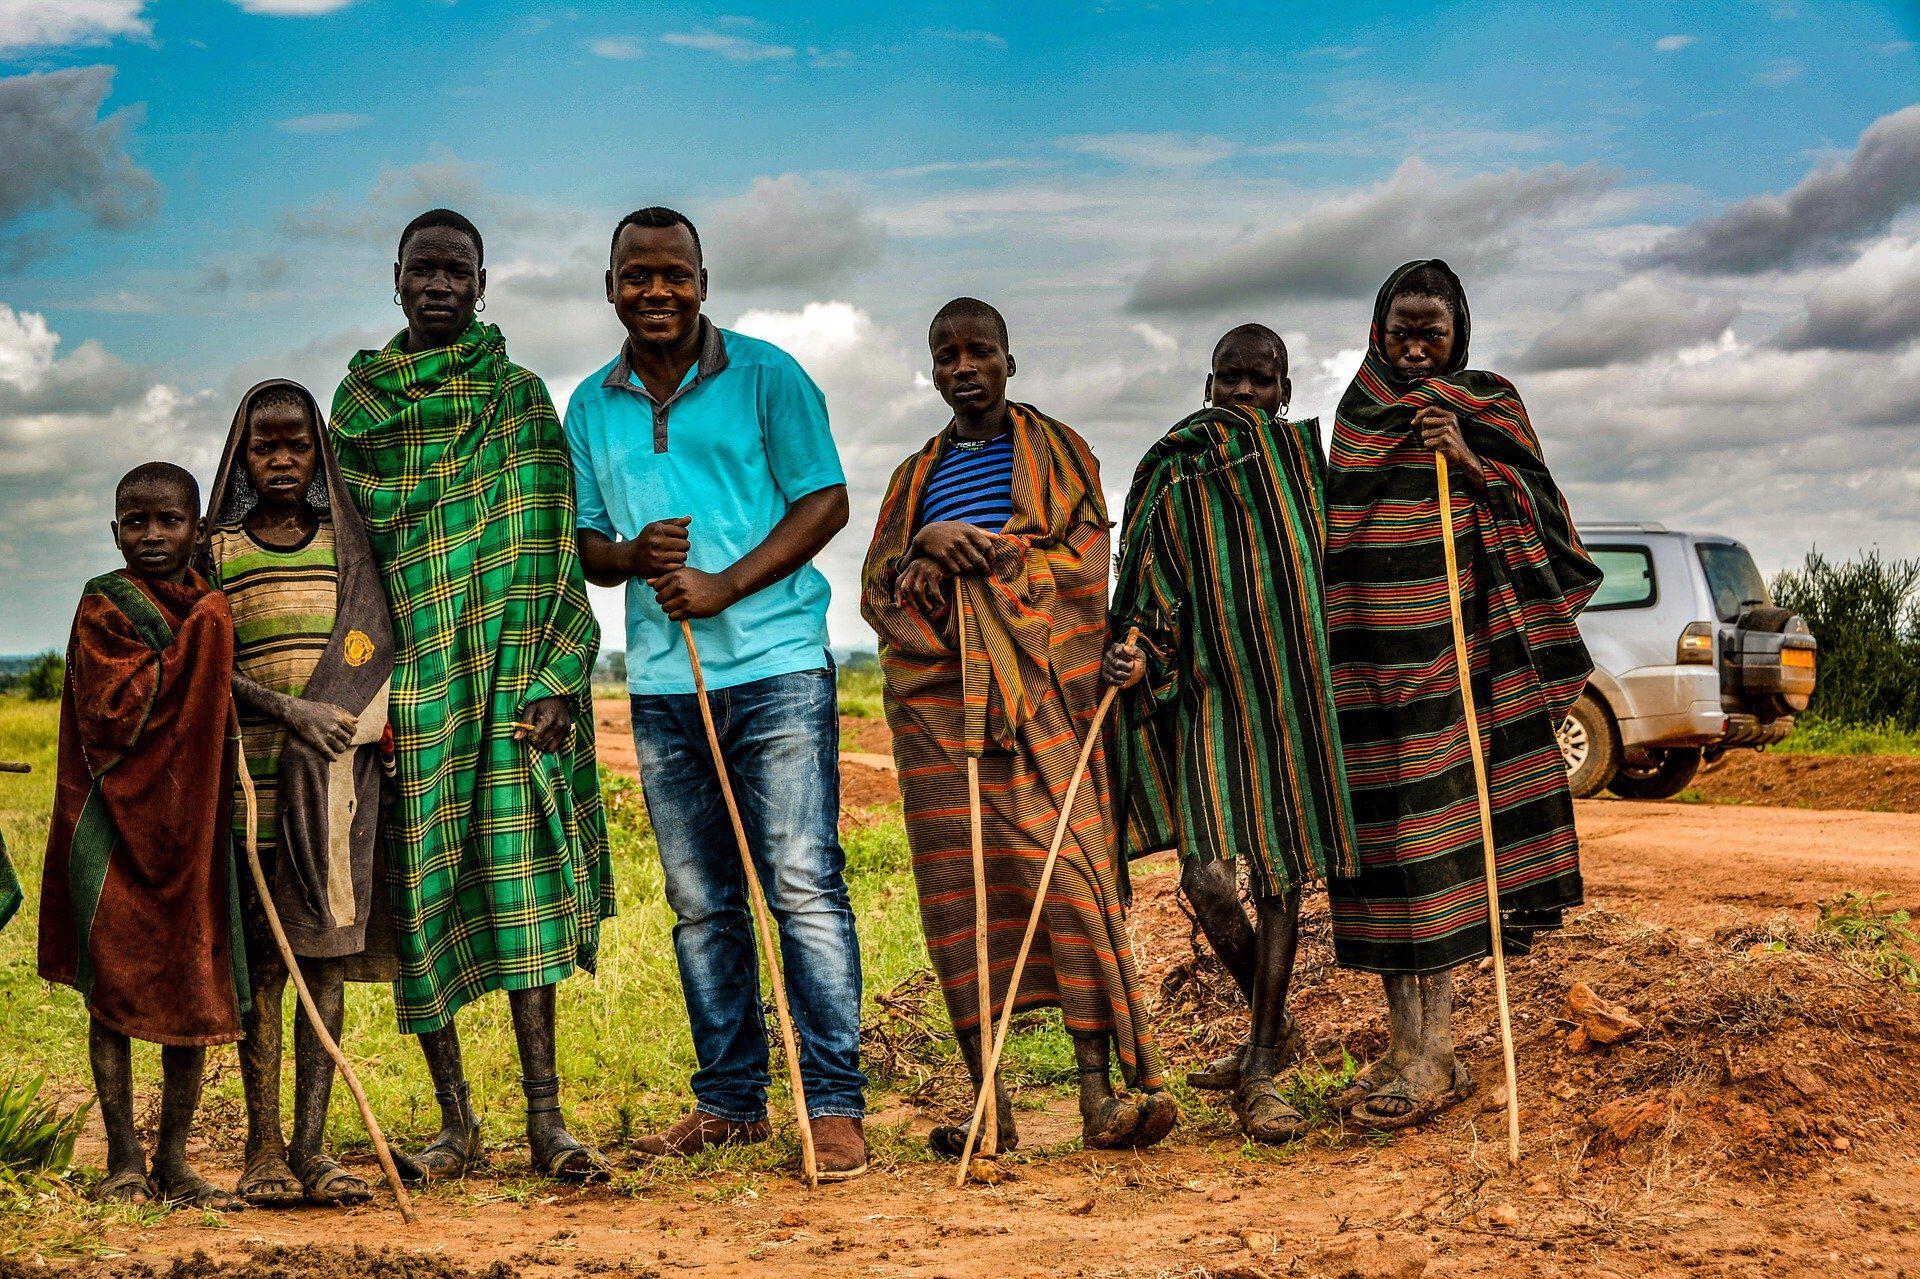 Menschen in traditioneller Kleidung und Jeans